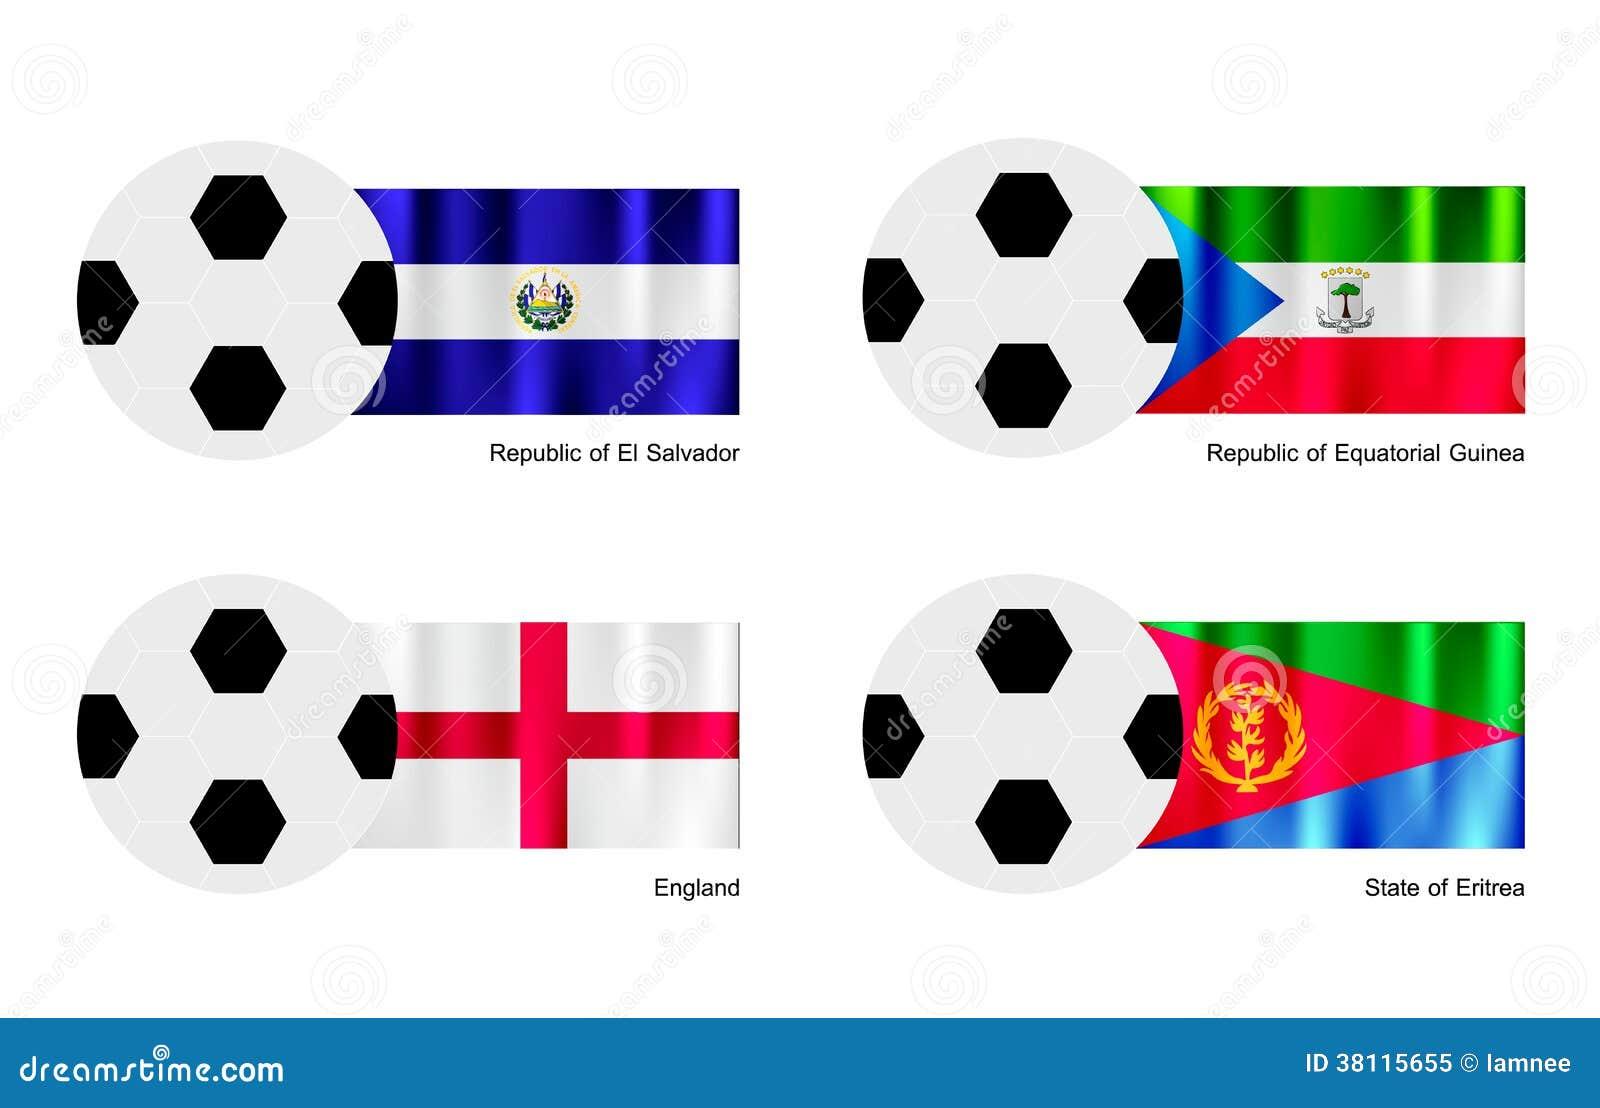 Football with El Salvador, Equatorial Guinea, Engl